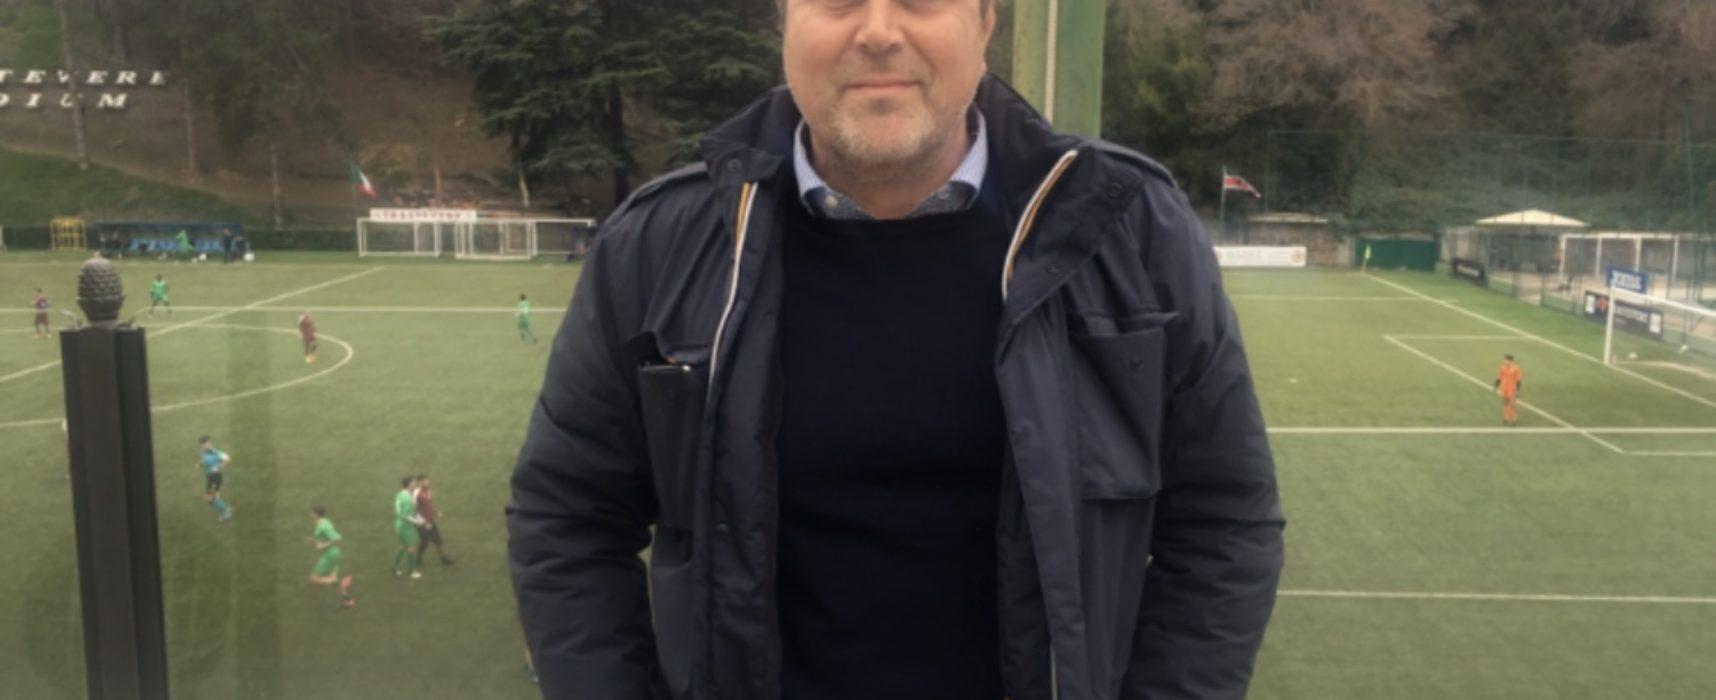 """FABRIZIO CIOTTI, RESPONSABILE DEL SETTORE GIOVANILE: """"VI RACCONTO IL NOSTRO 2018"""""""